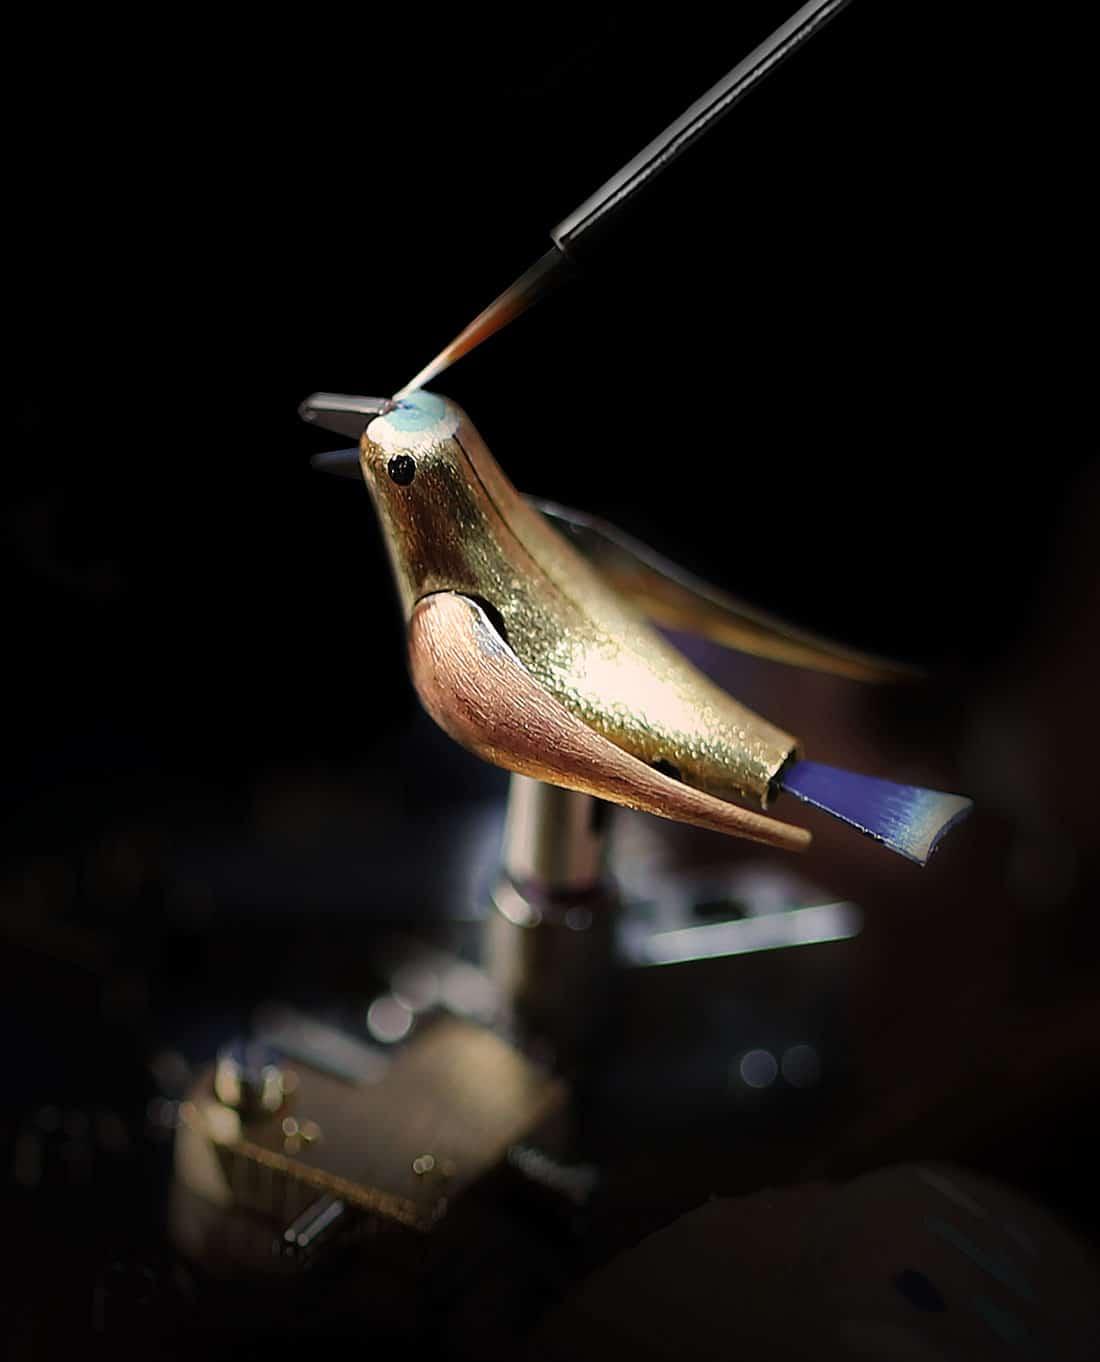 jaquet-droz-oiseau-mecanique-automate-chantant-histoire